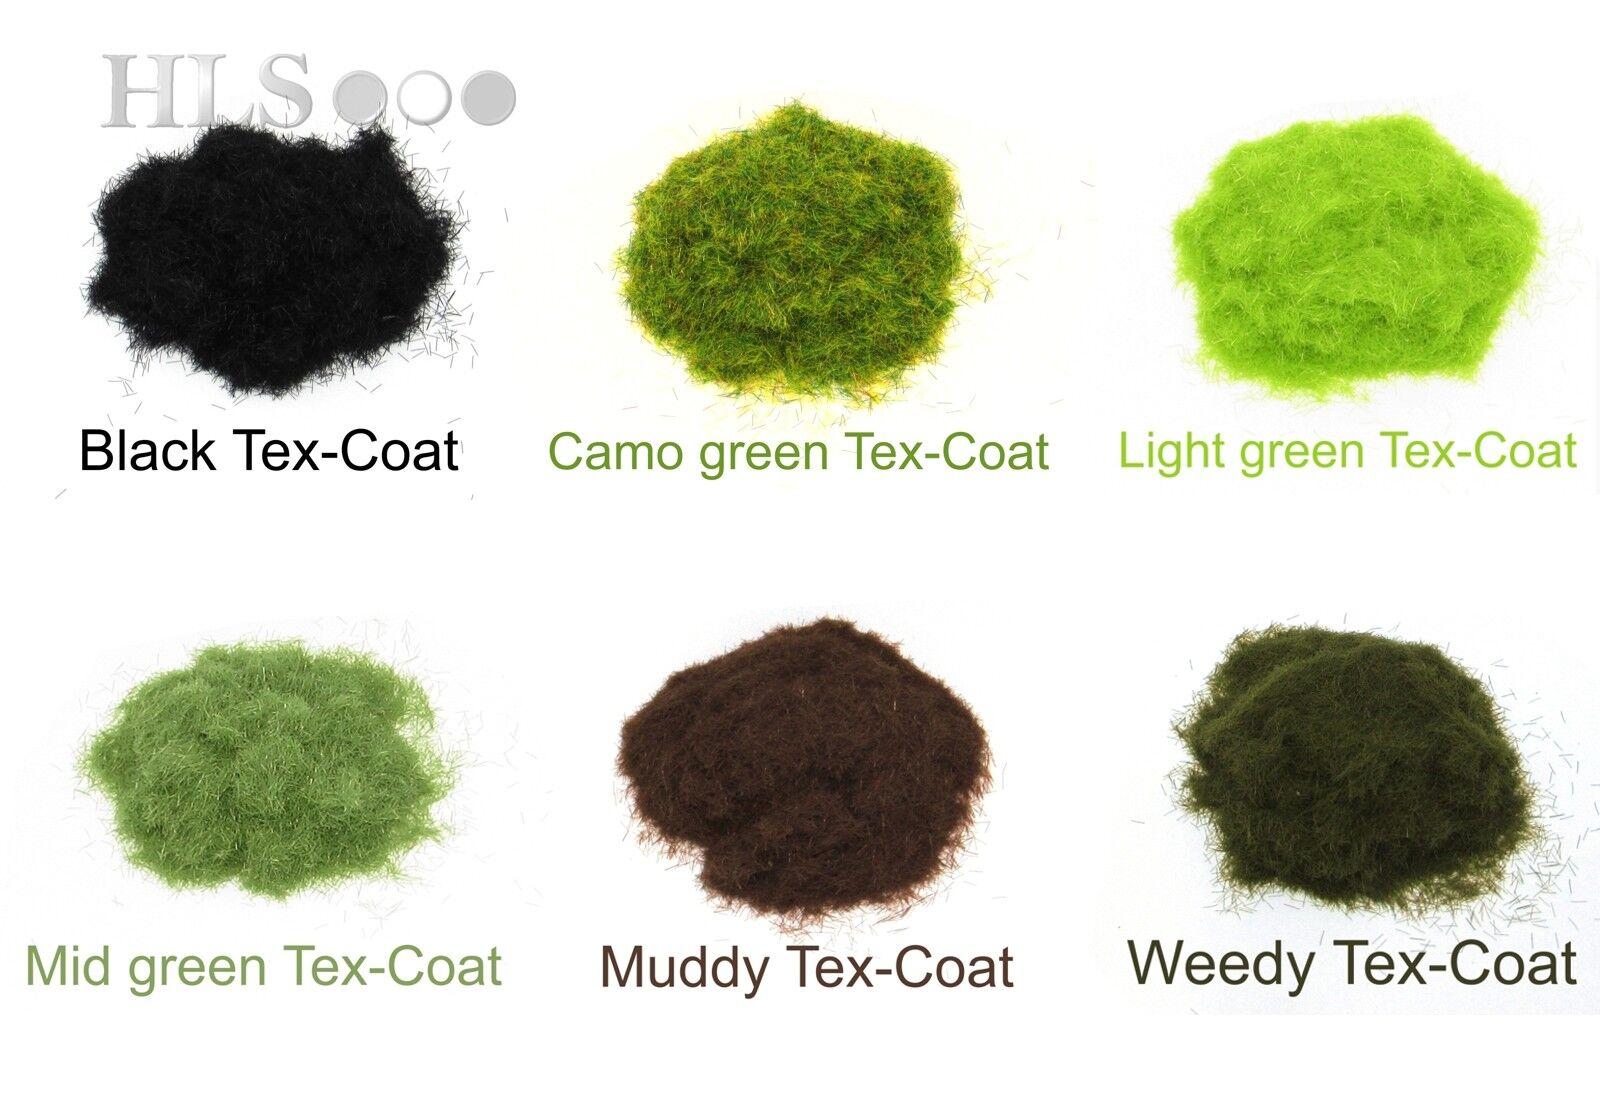 HLS Tex-Coat textured lead coating powder Carp Camouflage TOP COAT [TX]